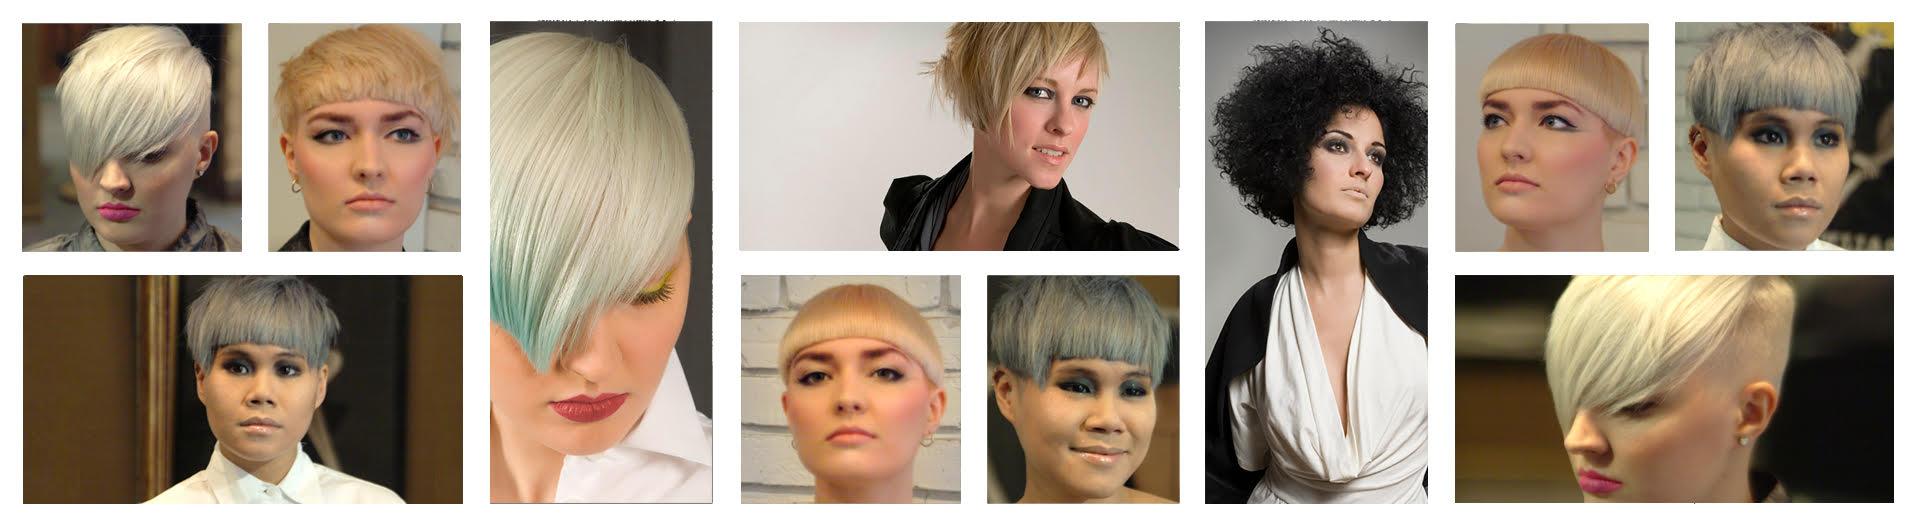 Realisation de coupe de cheveux a Montreal - Beaute business